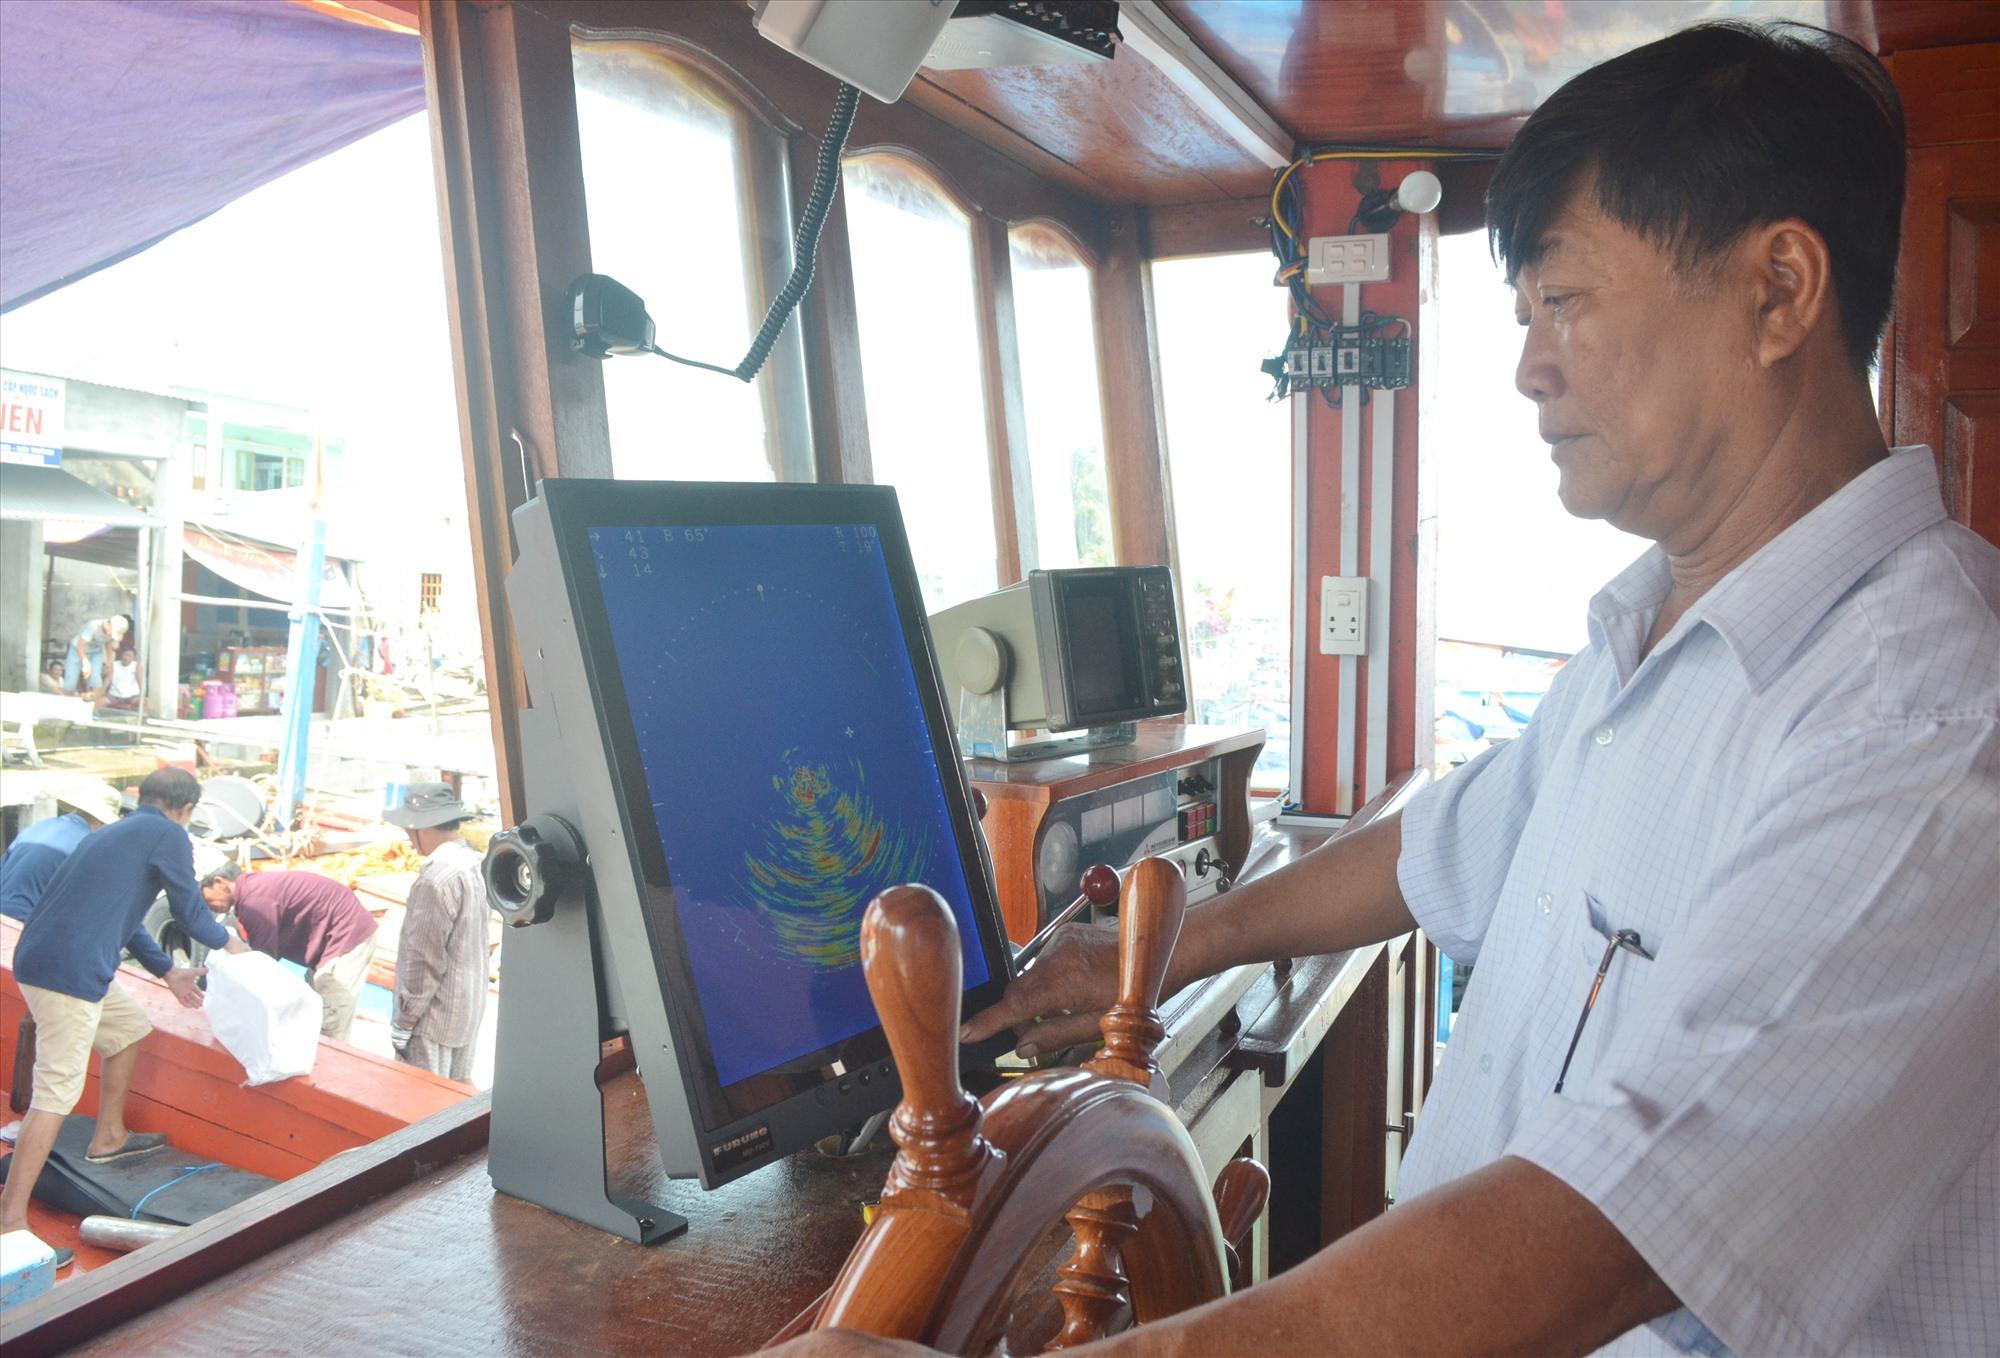 Ứng dụng công nghệ mới đem lại hiệu quả khai thác hải sản trong tỉnh. Ảnh: VIỆT NGUYỄN